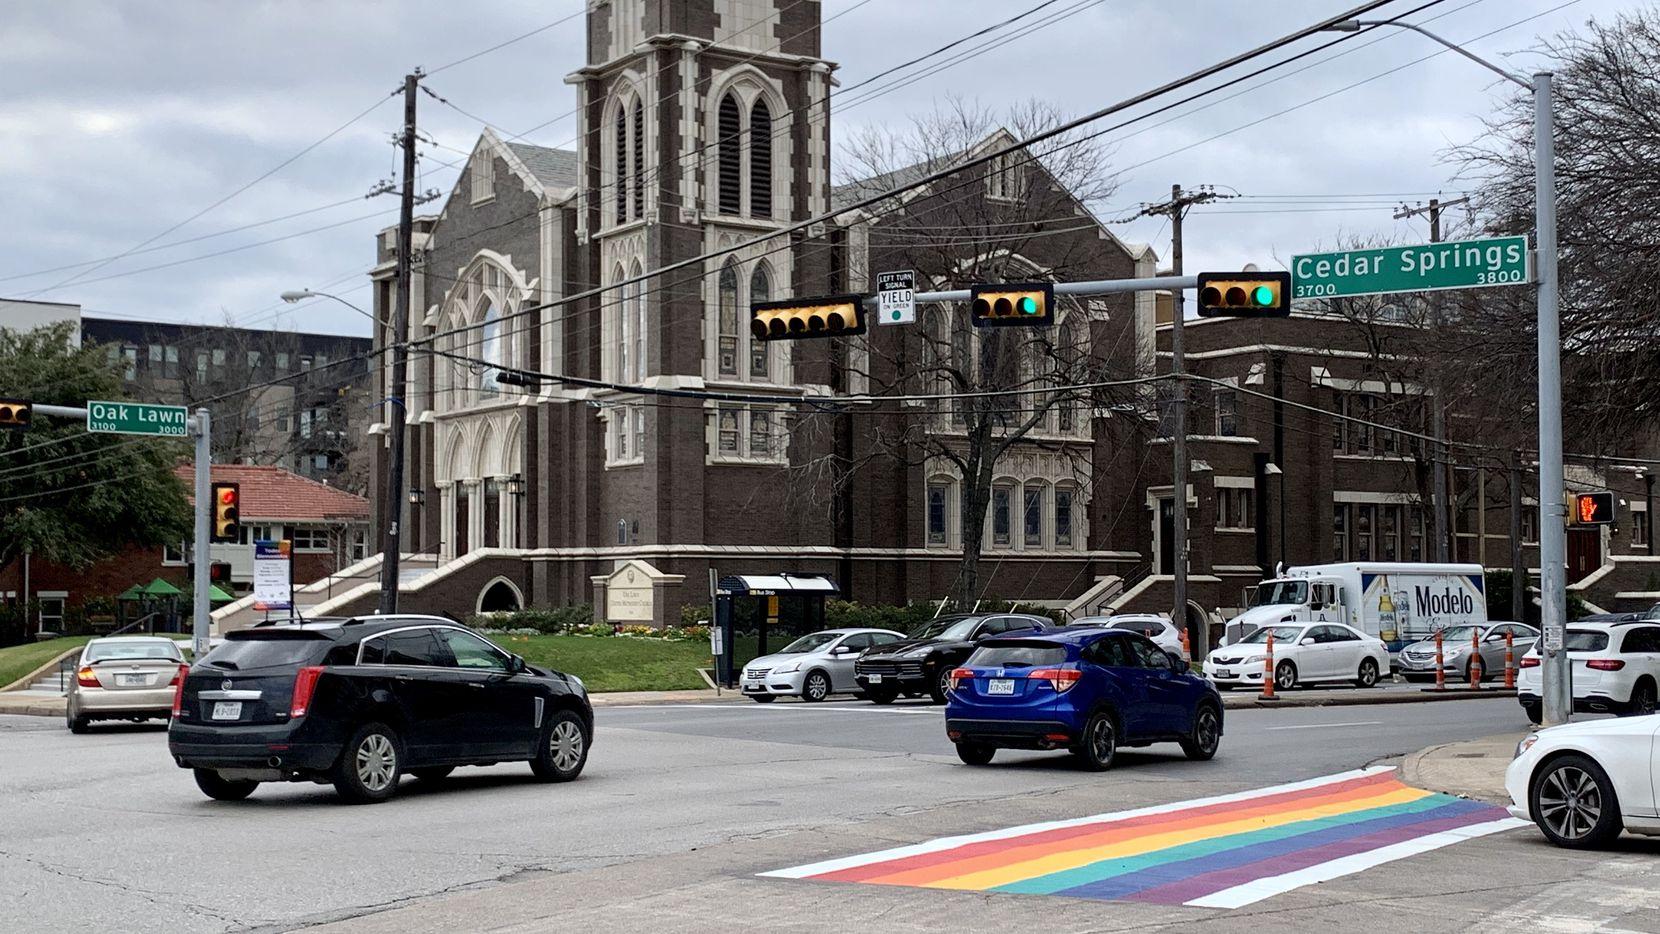 Esta semana se comenzaron los trabajos para pintar 10 cruceros con los colores del arcoíris en la avenida Cedar Springs, en la zona de Oak Lawn, conocido por ser el barrio gay en Dallas.